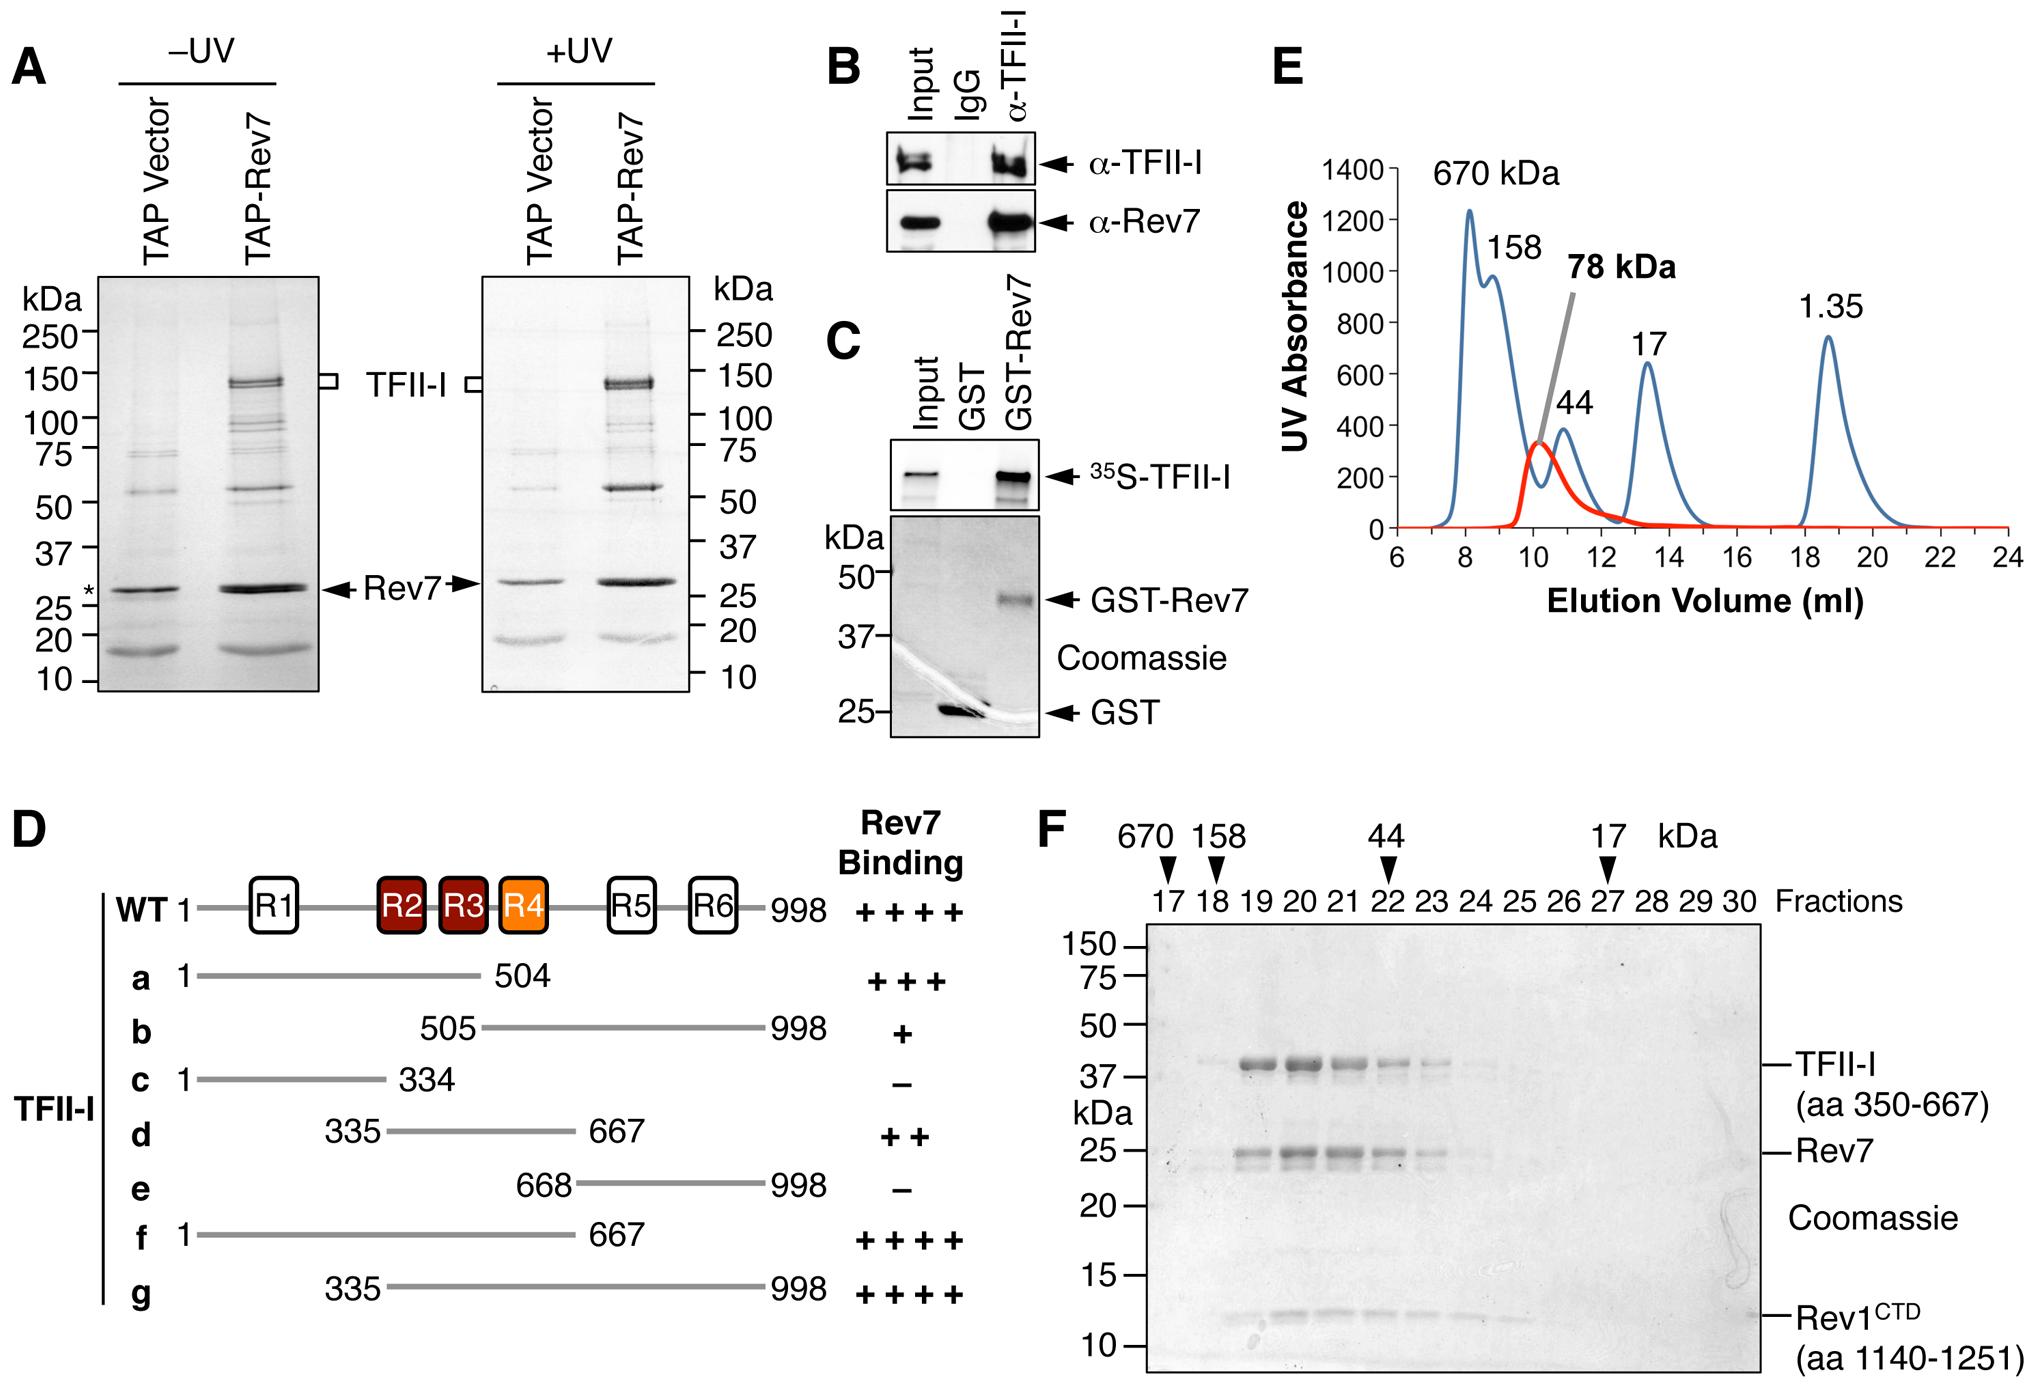 TFII-I is a novel Pol ζ-binding protein.